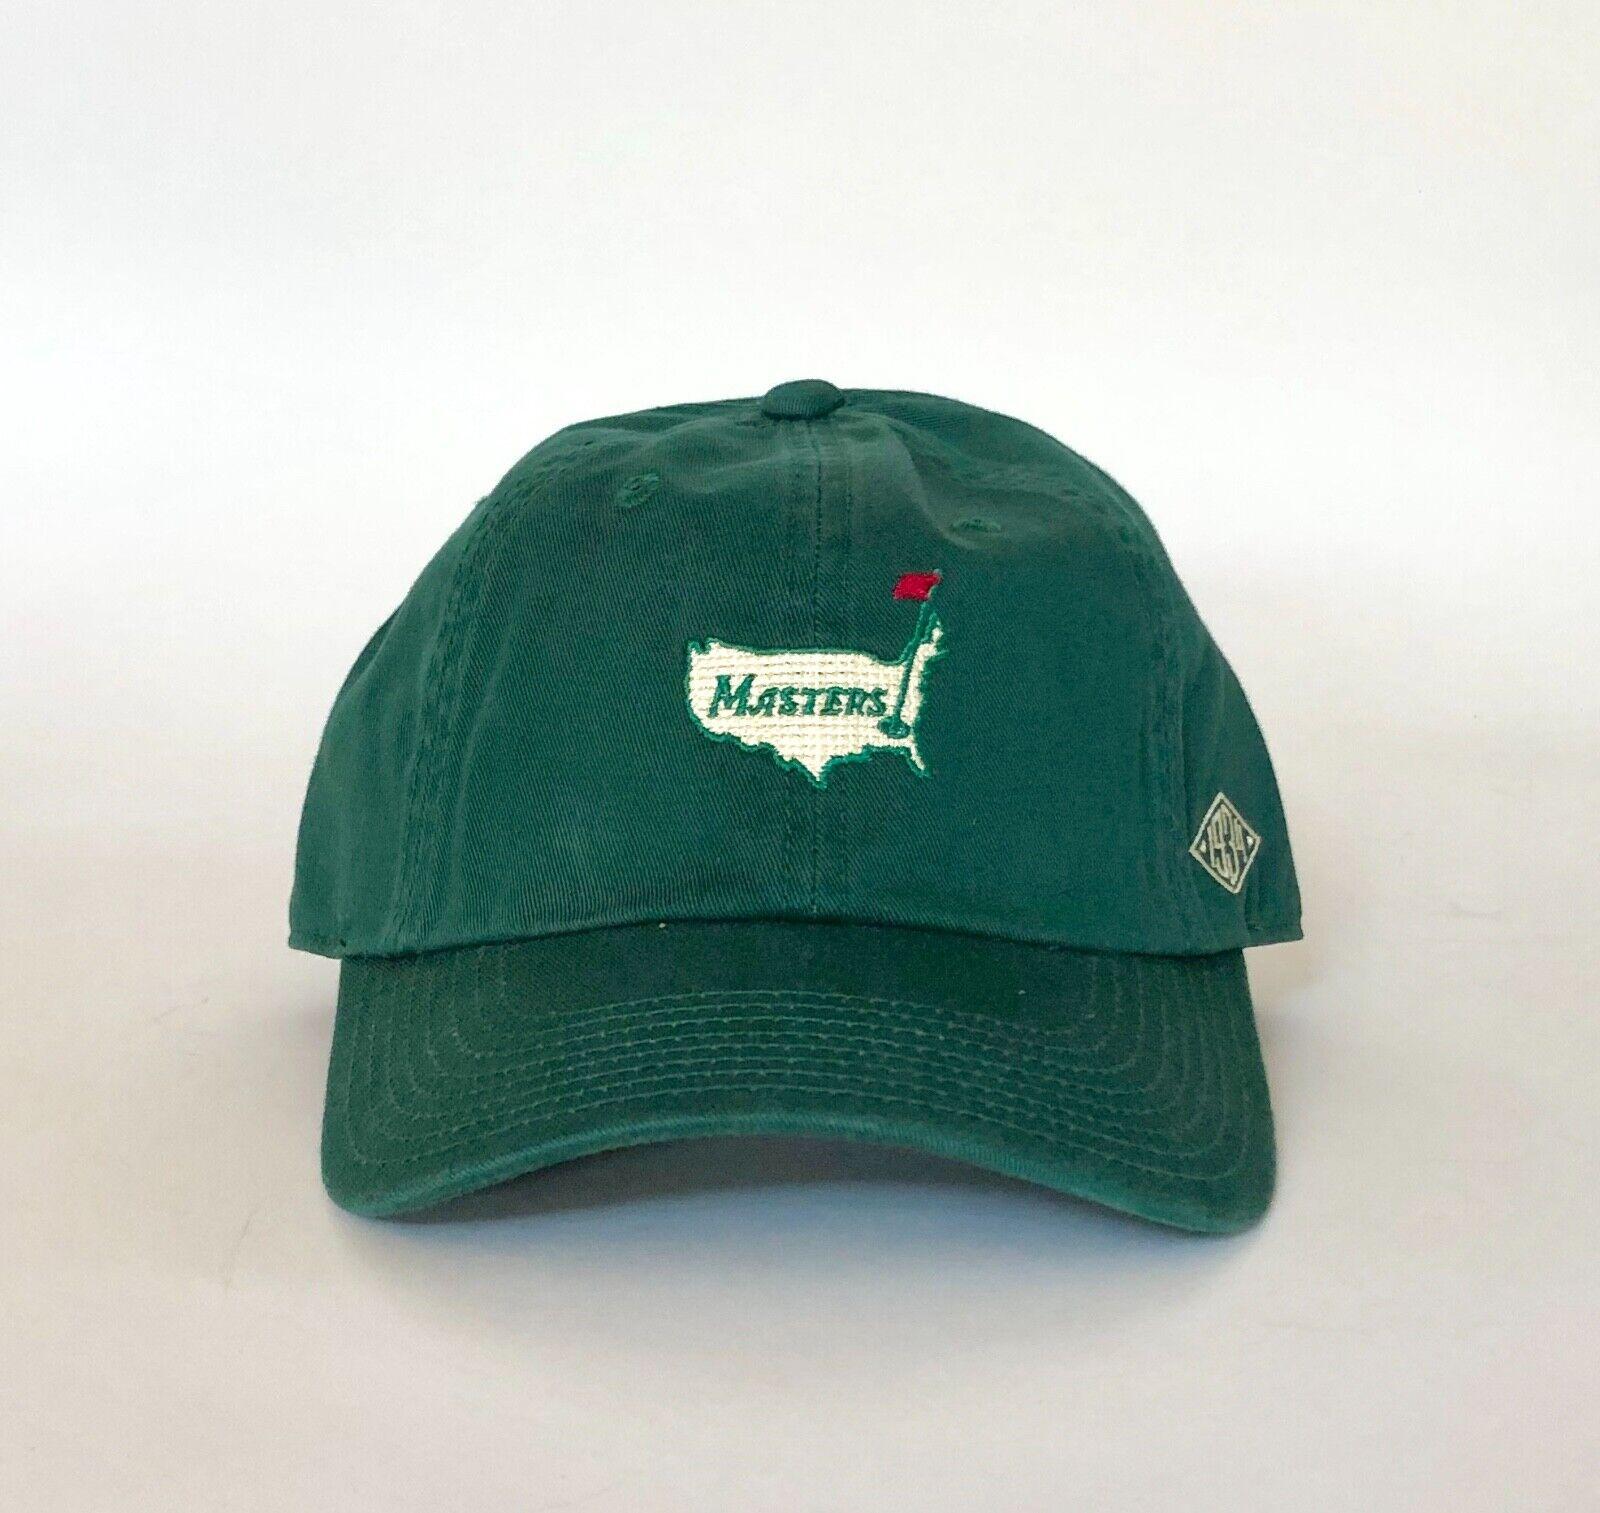 Masters collection Sombrero verde 1934 2019  Nuevo  excelentes precios